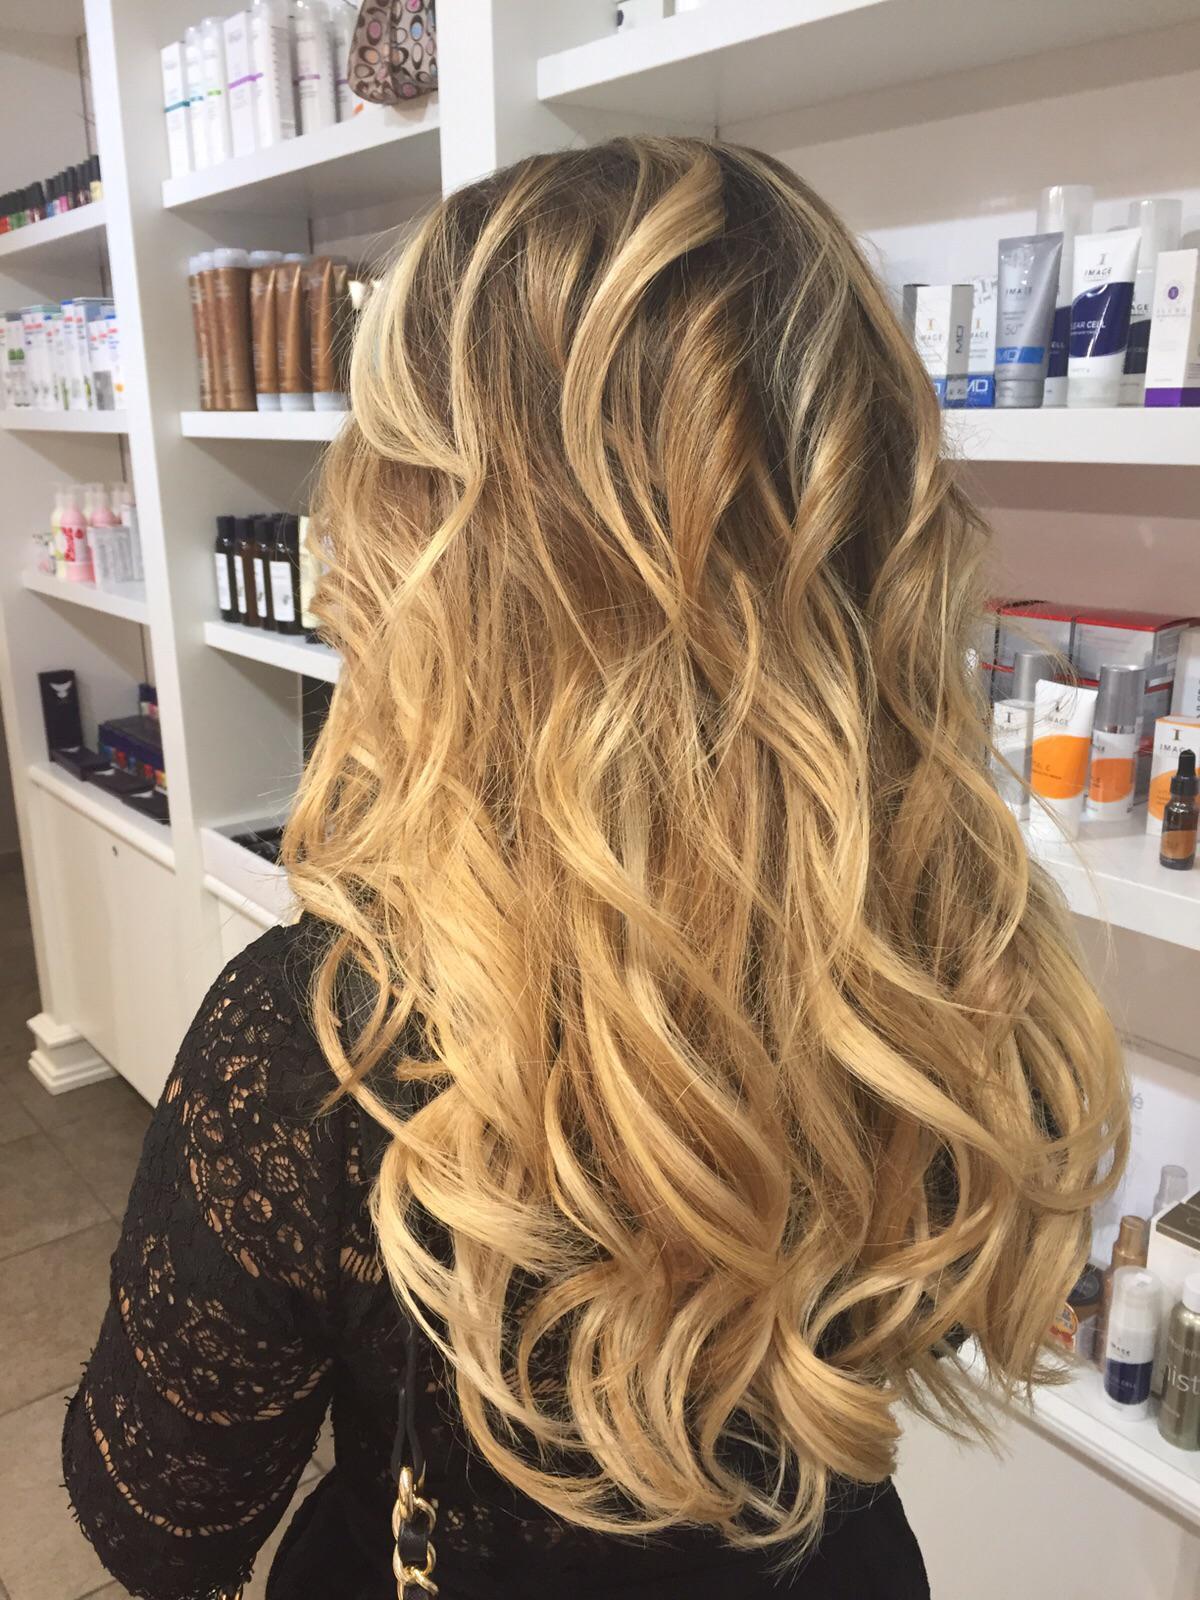 image29-24   Брондирование волос: описание, виды, техника выполнения для любой длины и цвета волос